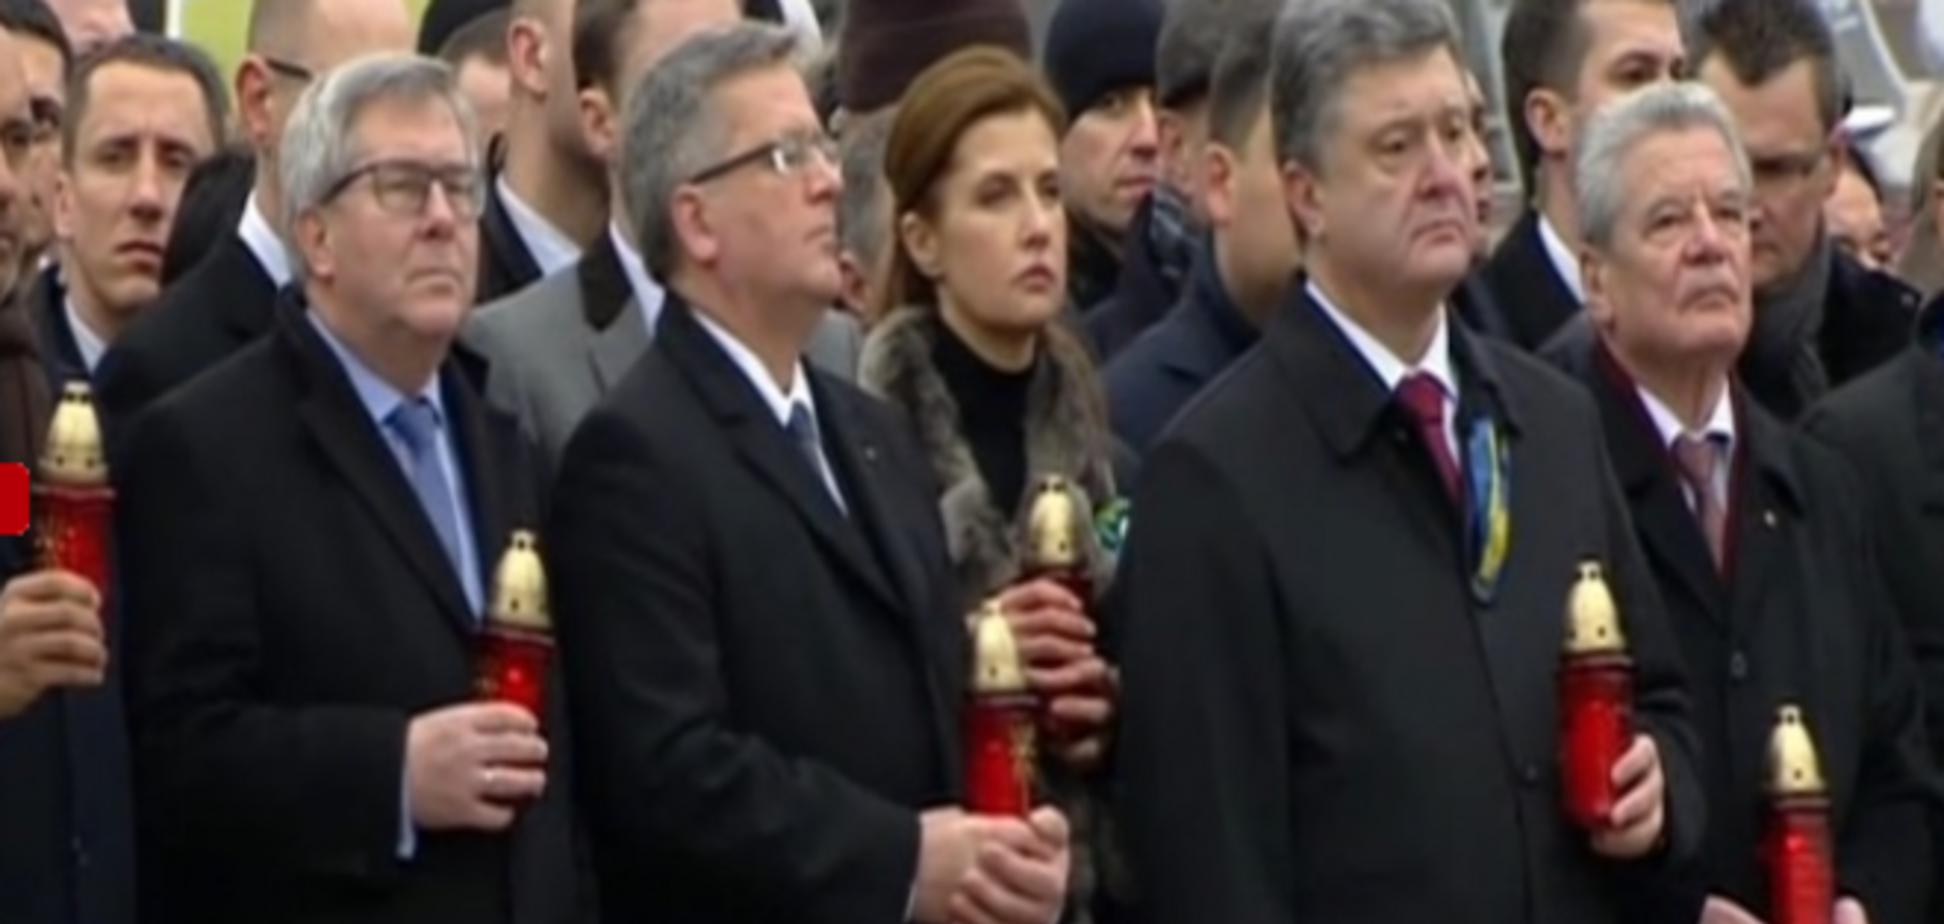 Не только Харьков: Порошенко рассказал о сорванном теракте в Одессе